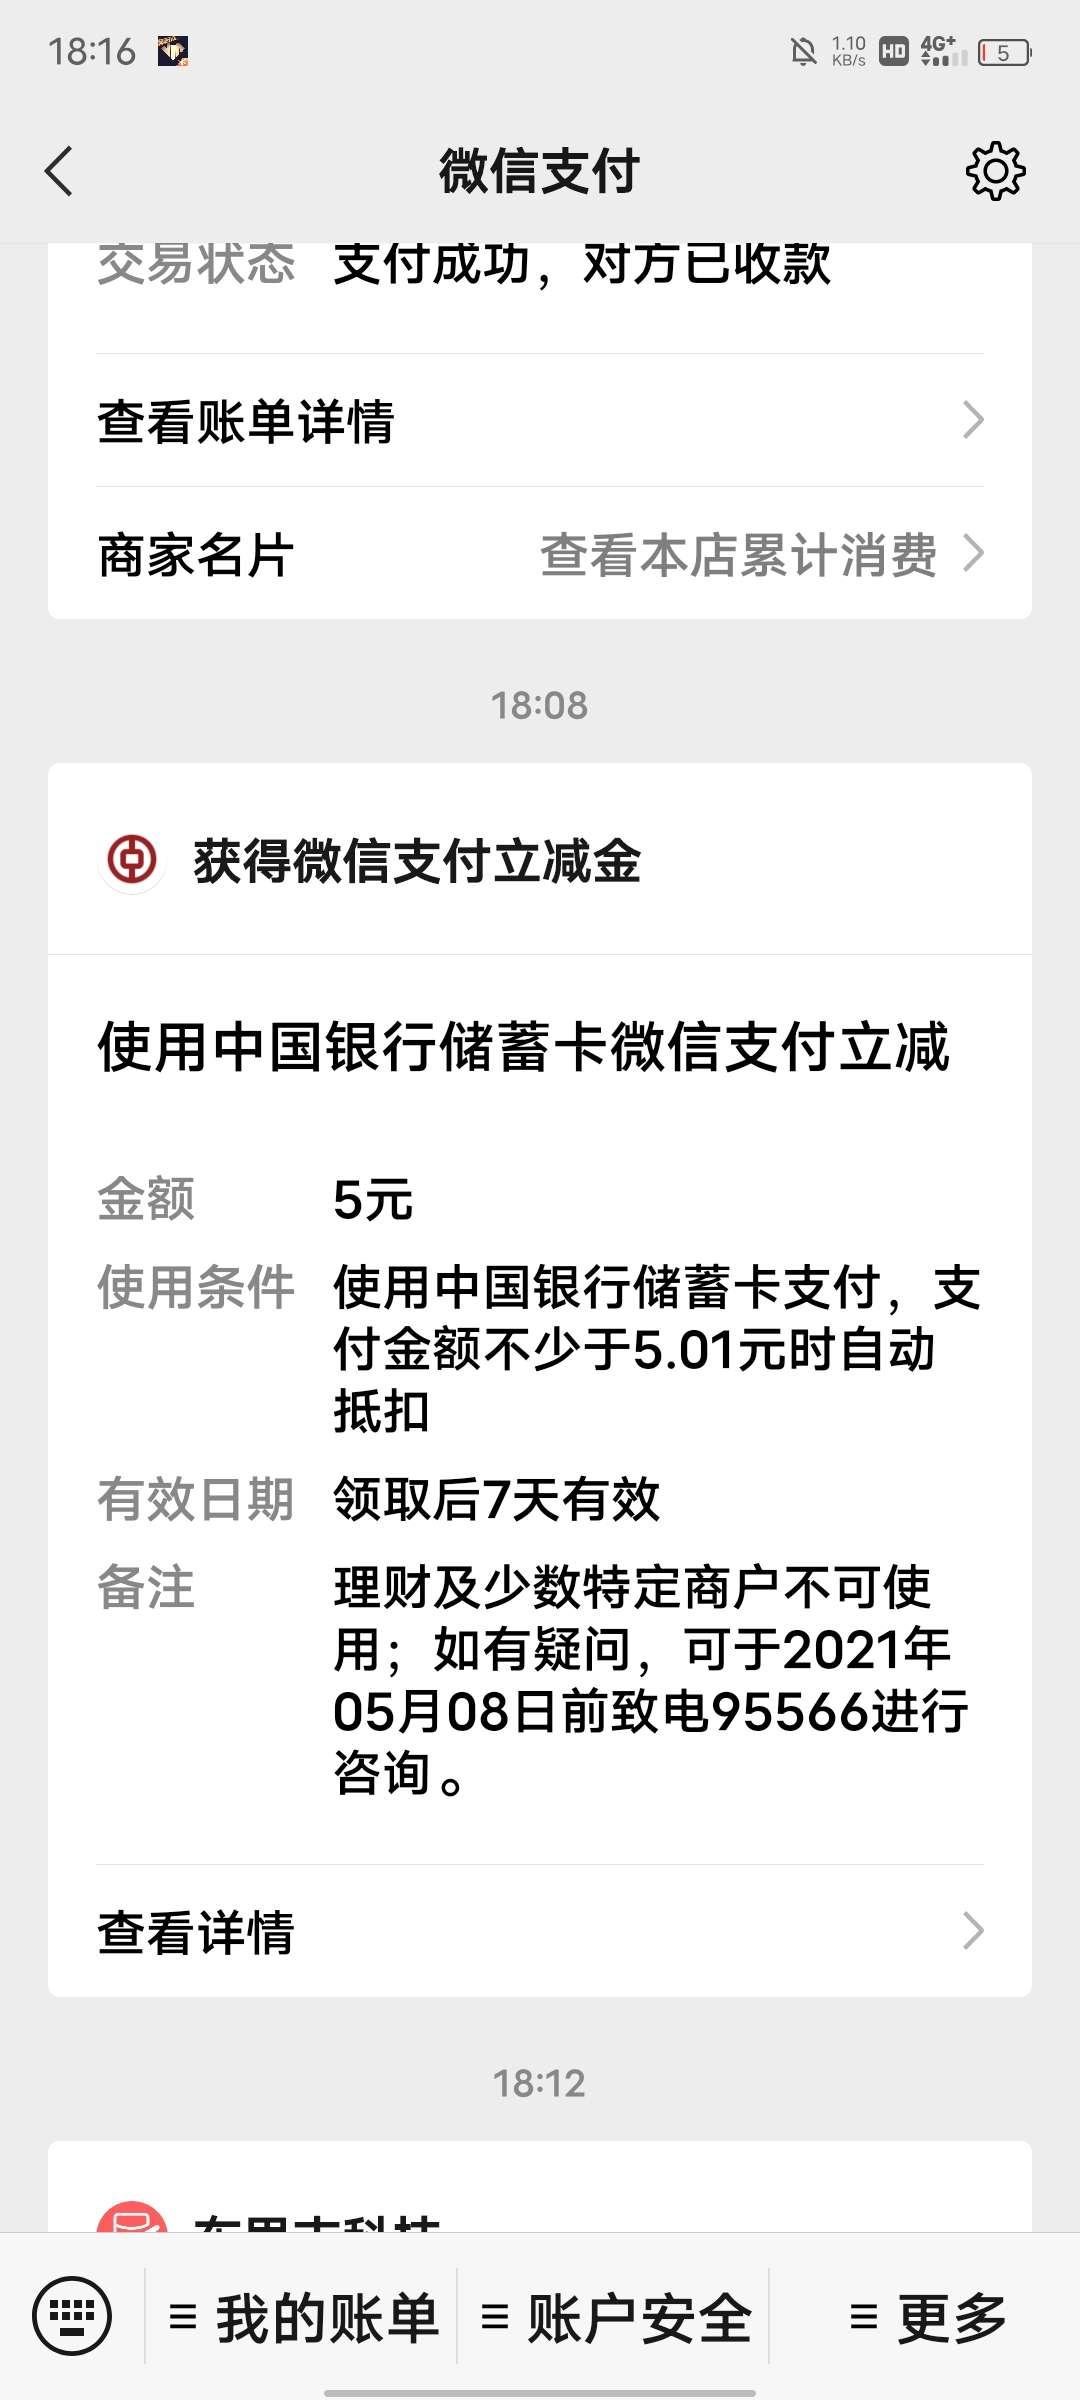 中国银行立减金,